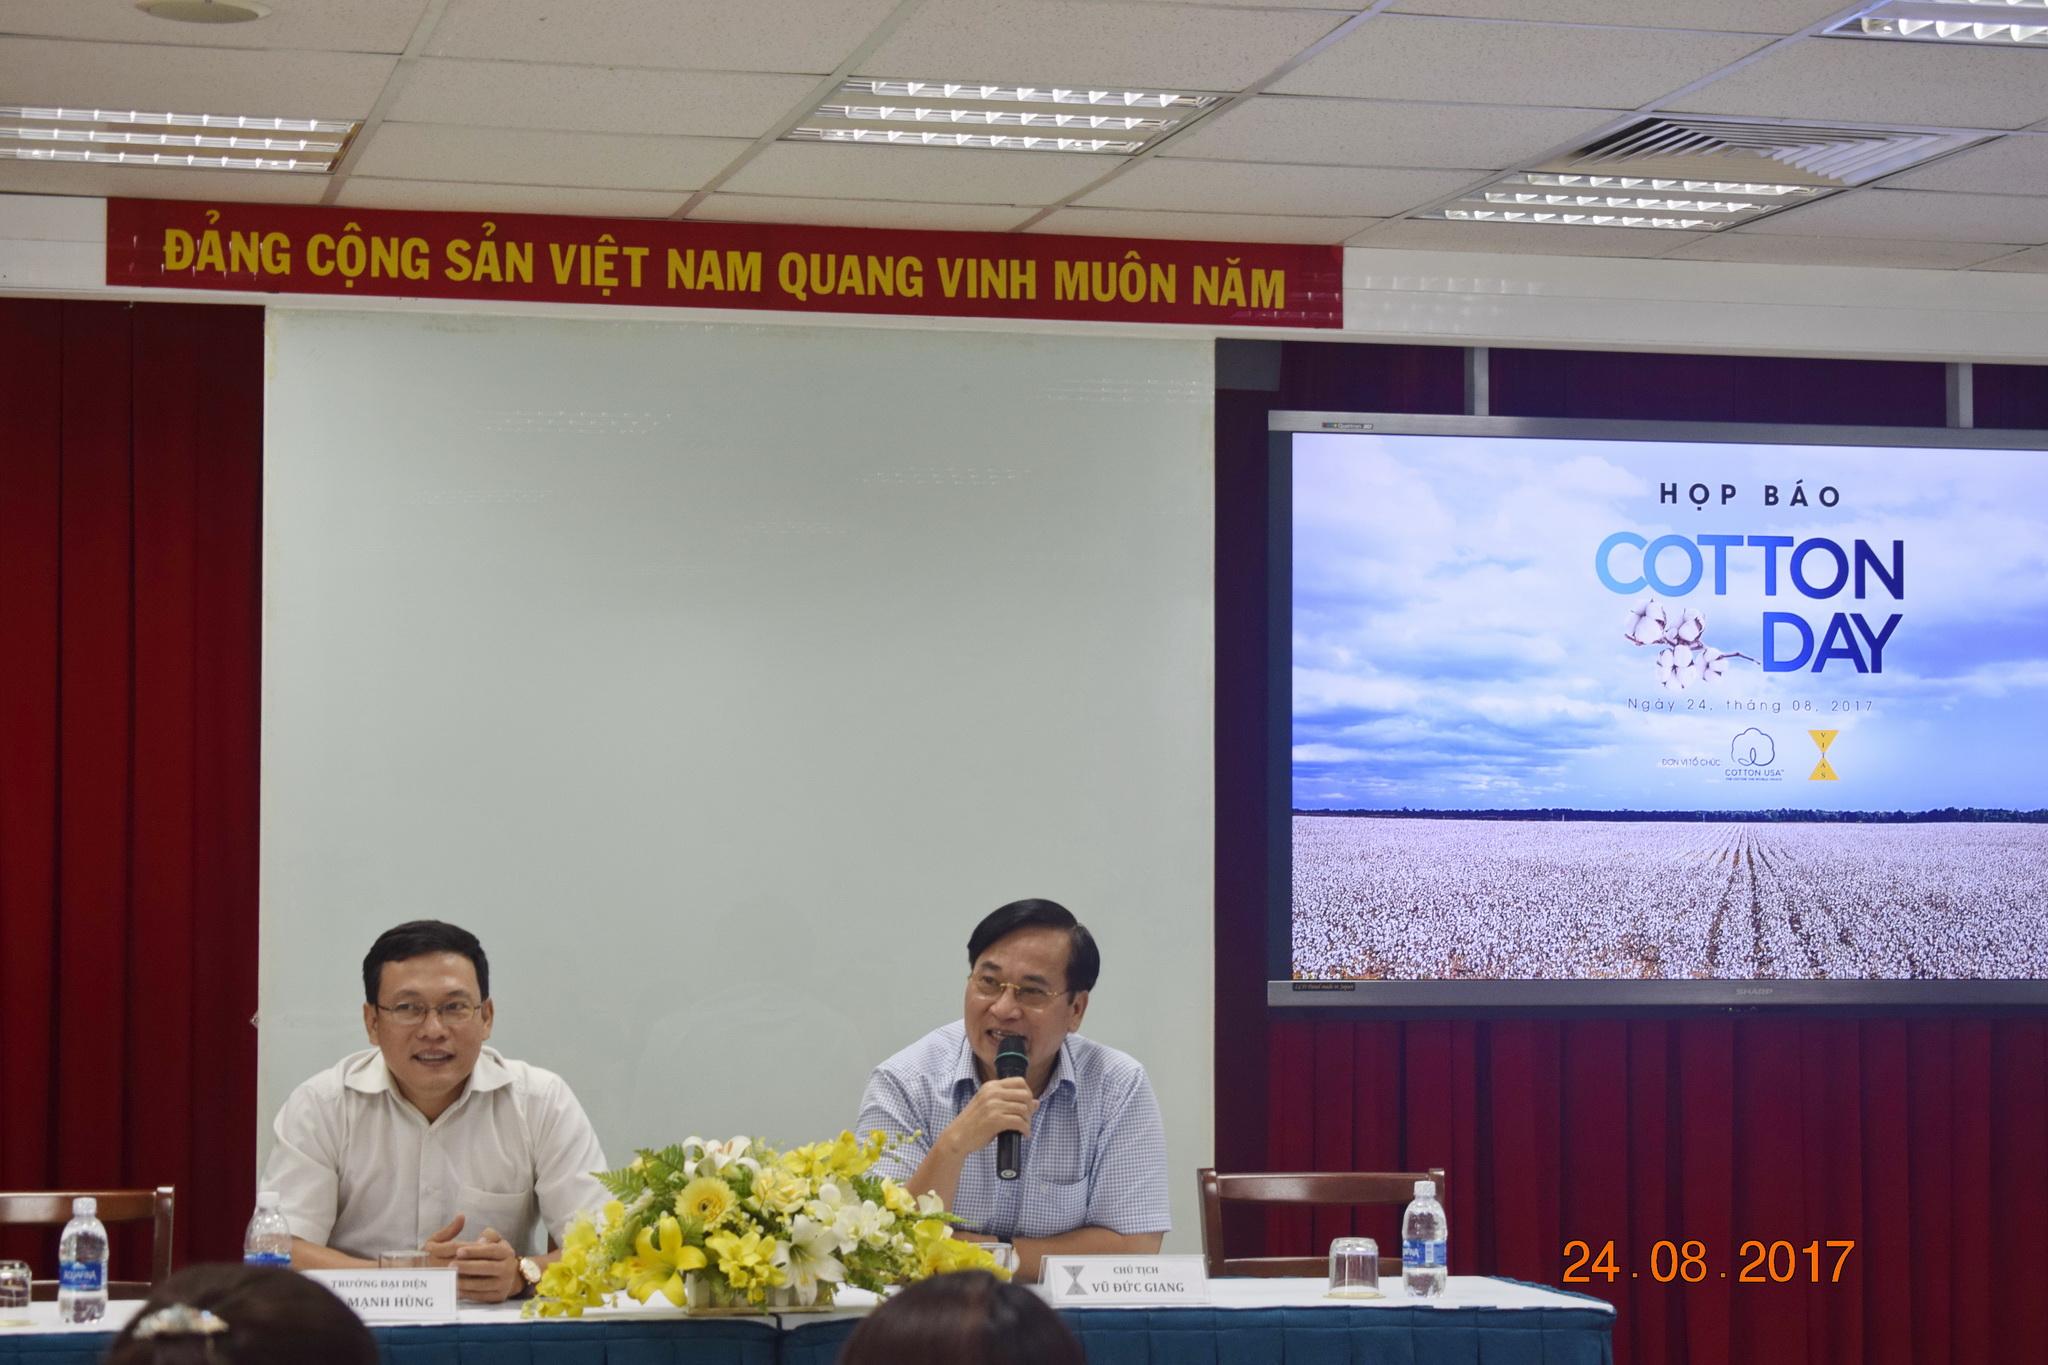 Ngày hội Cotton Day lần đầu tiên tại Việt Nam